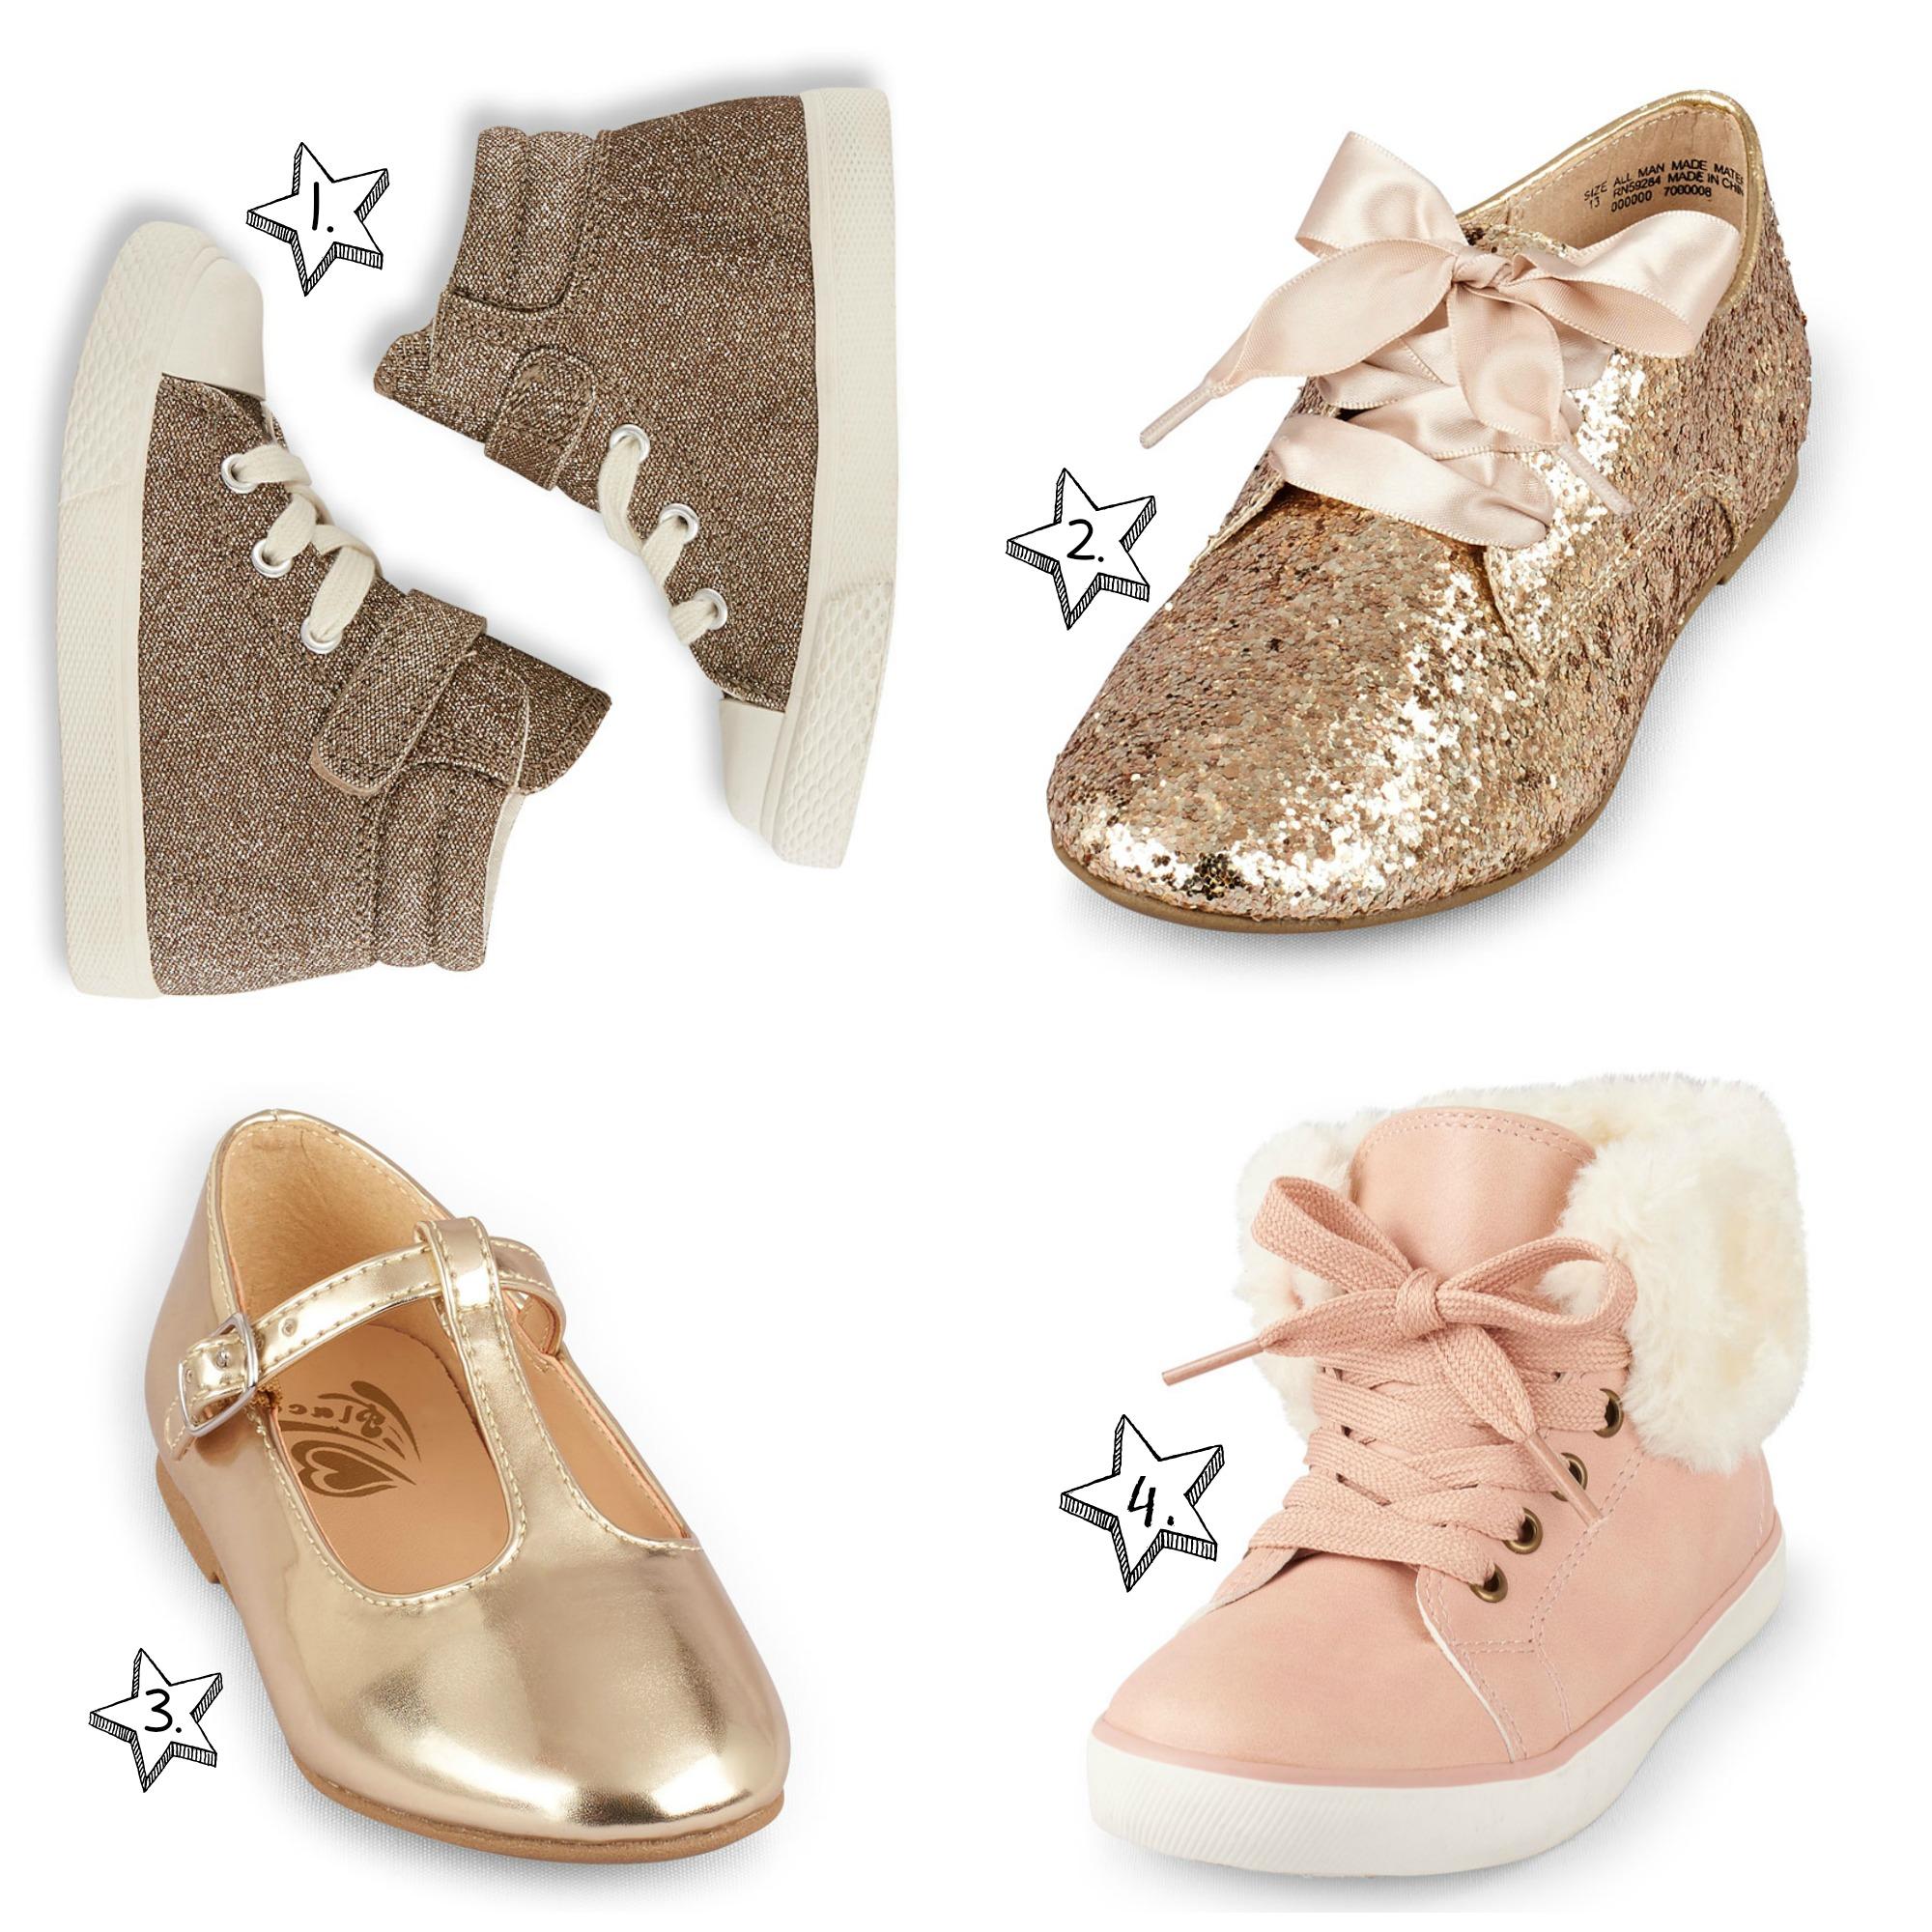 children's place shoe edit